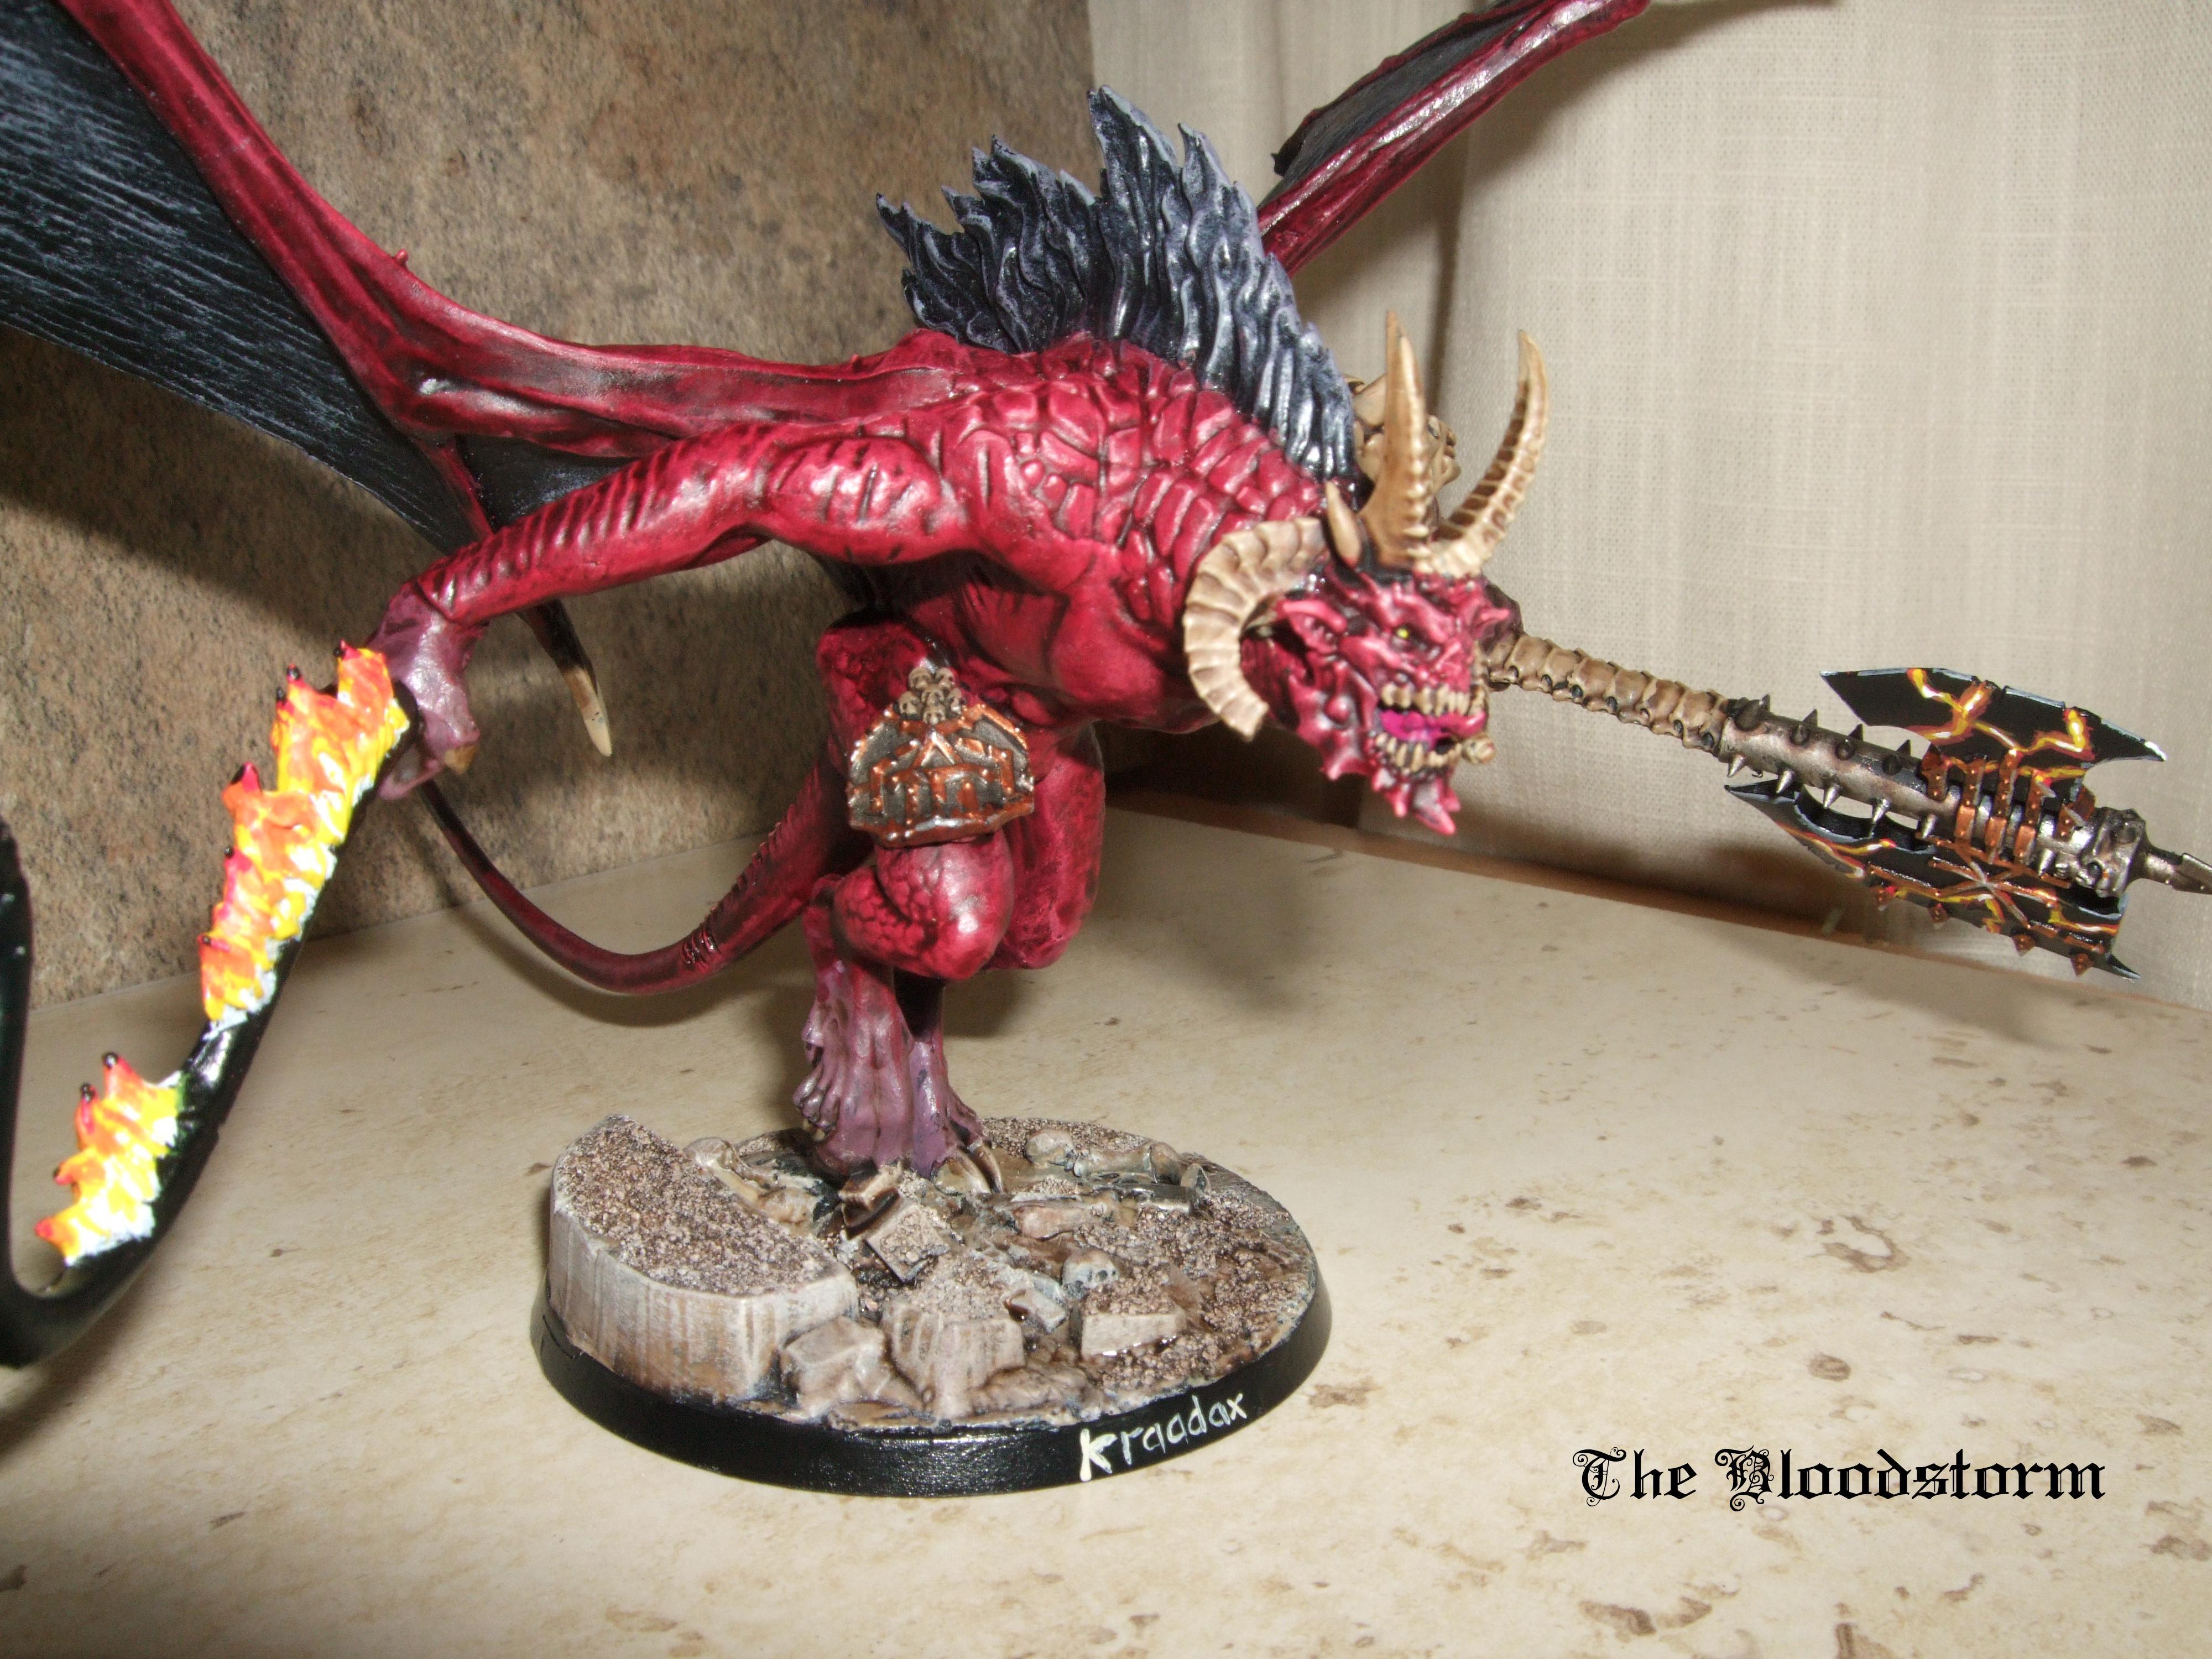 Balrog, Bloodthirster, Chaos, Greater Daemon, Khorne Daemonkin, Unfettered Fury, Warhammer 40,000